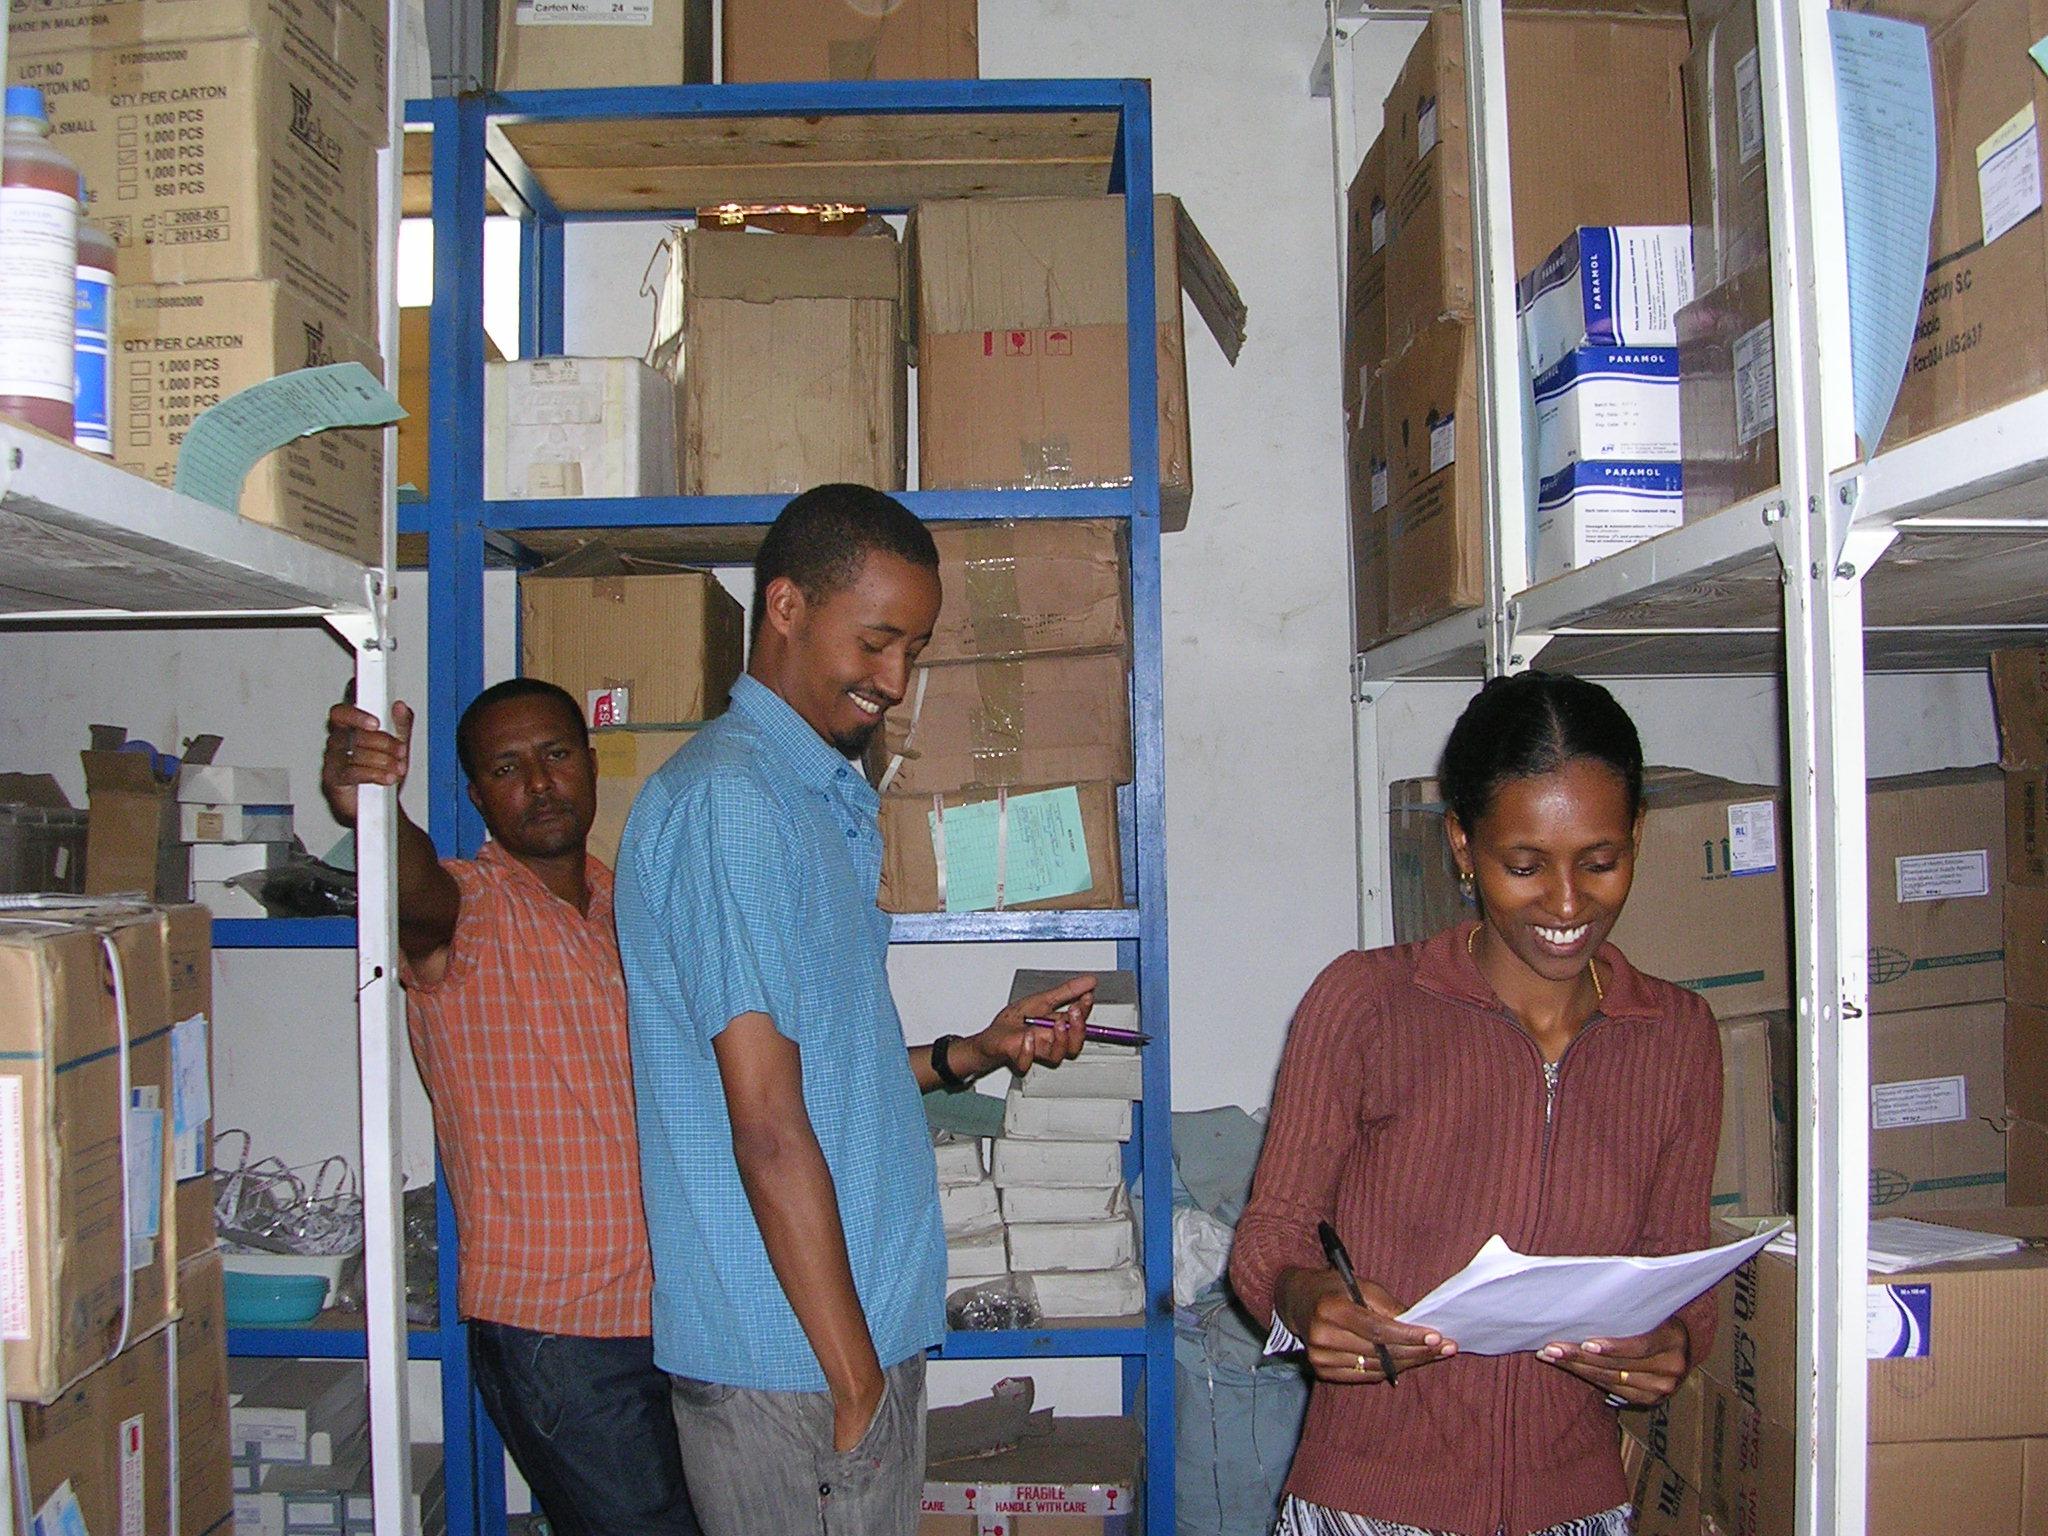 Health center staff work to improve storage practices in their storeroom